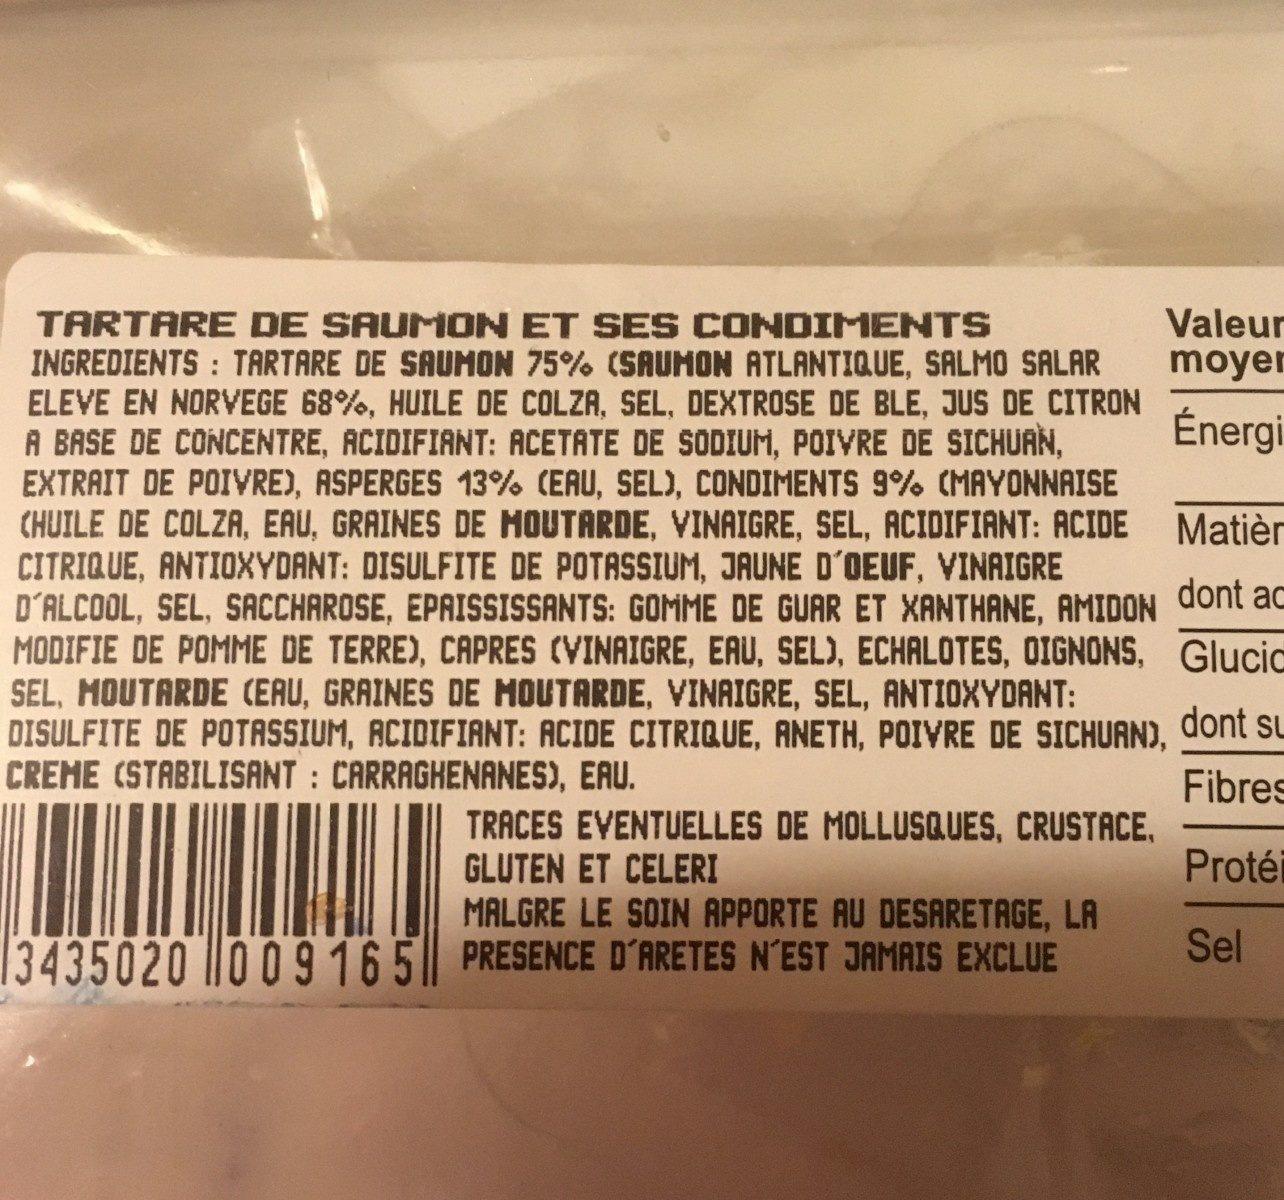 Tartare de saumon - Ingrédients - fr